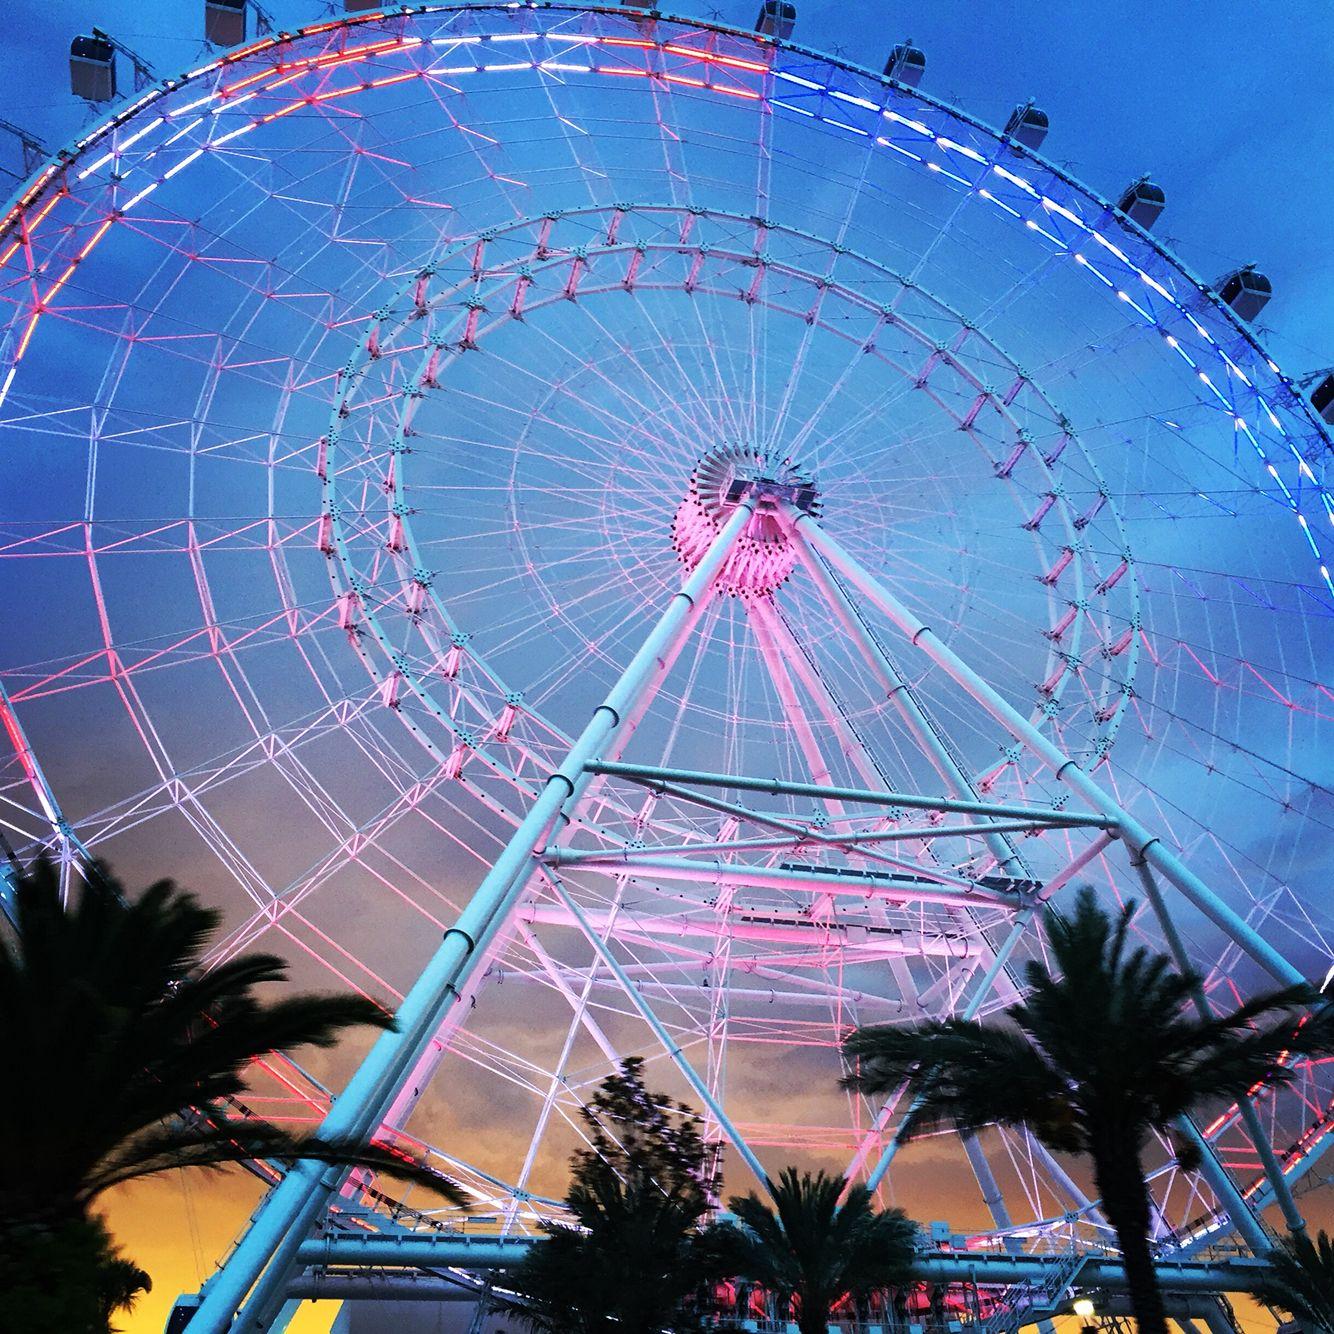 6c3eddaf76f57e77d62c5963c82ab971 - Homewood Suites By Hilton Palm Beach Gardens Fl